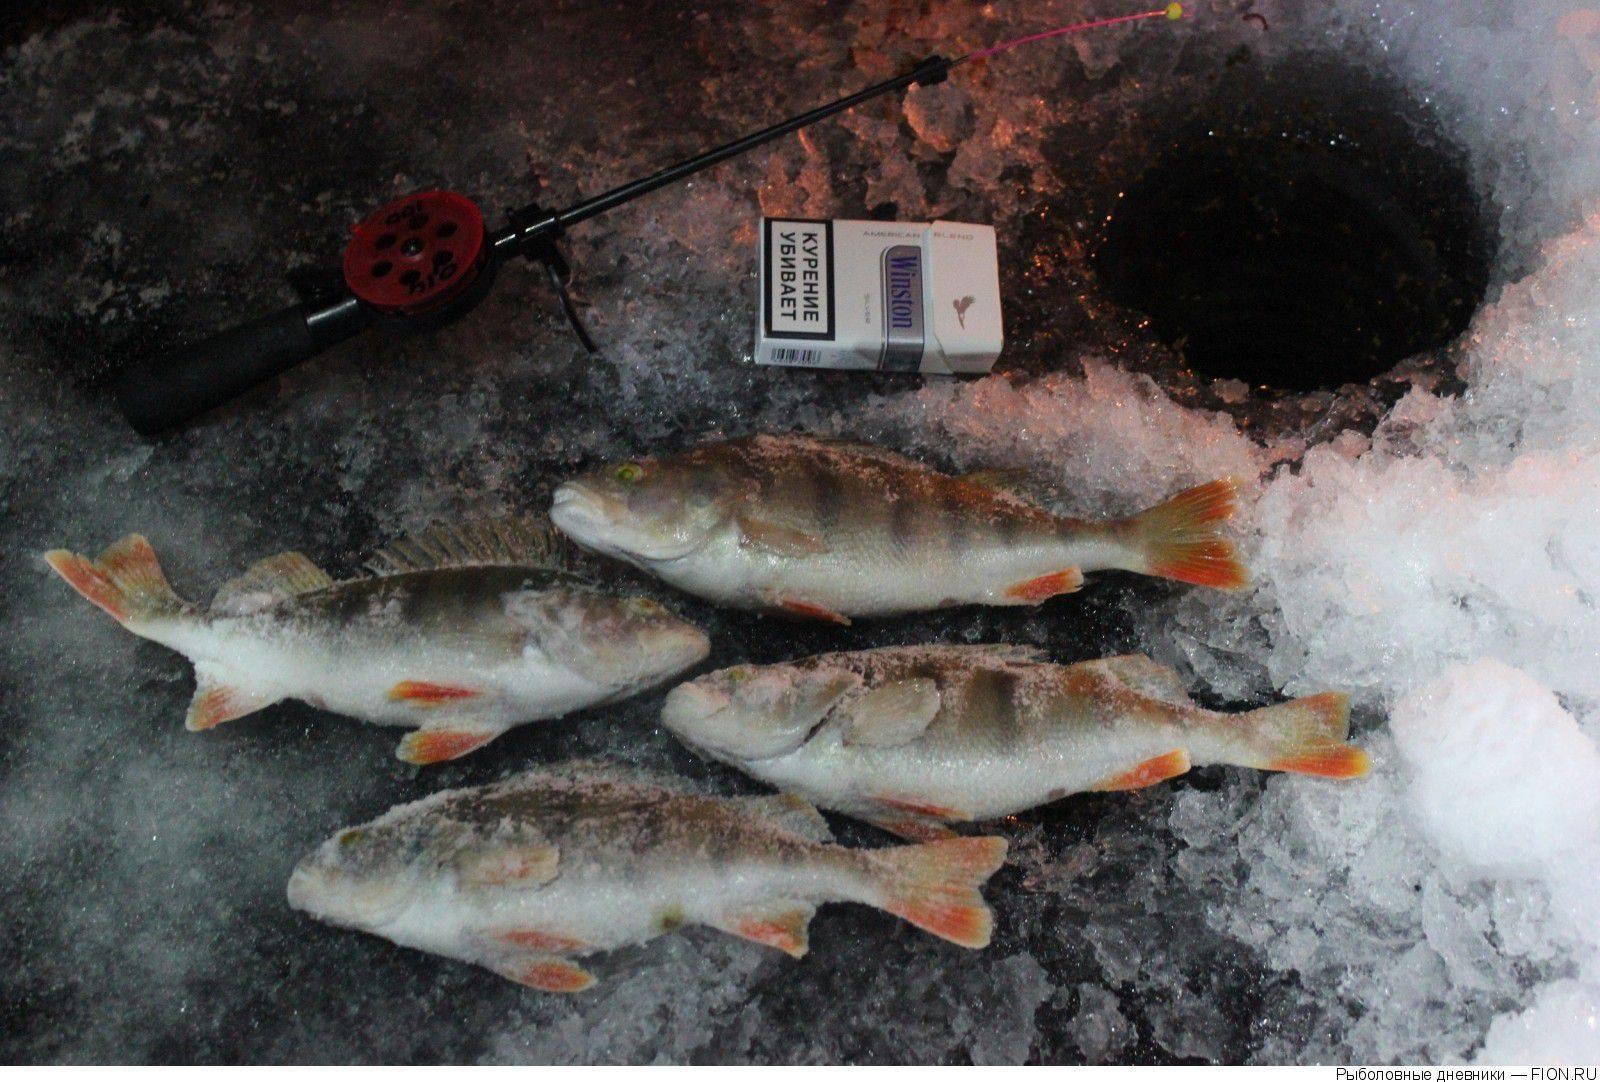 Лучшие рыболовные места омской области – рыбалке.нет